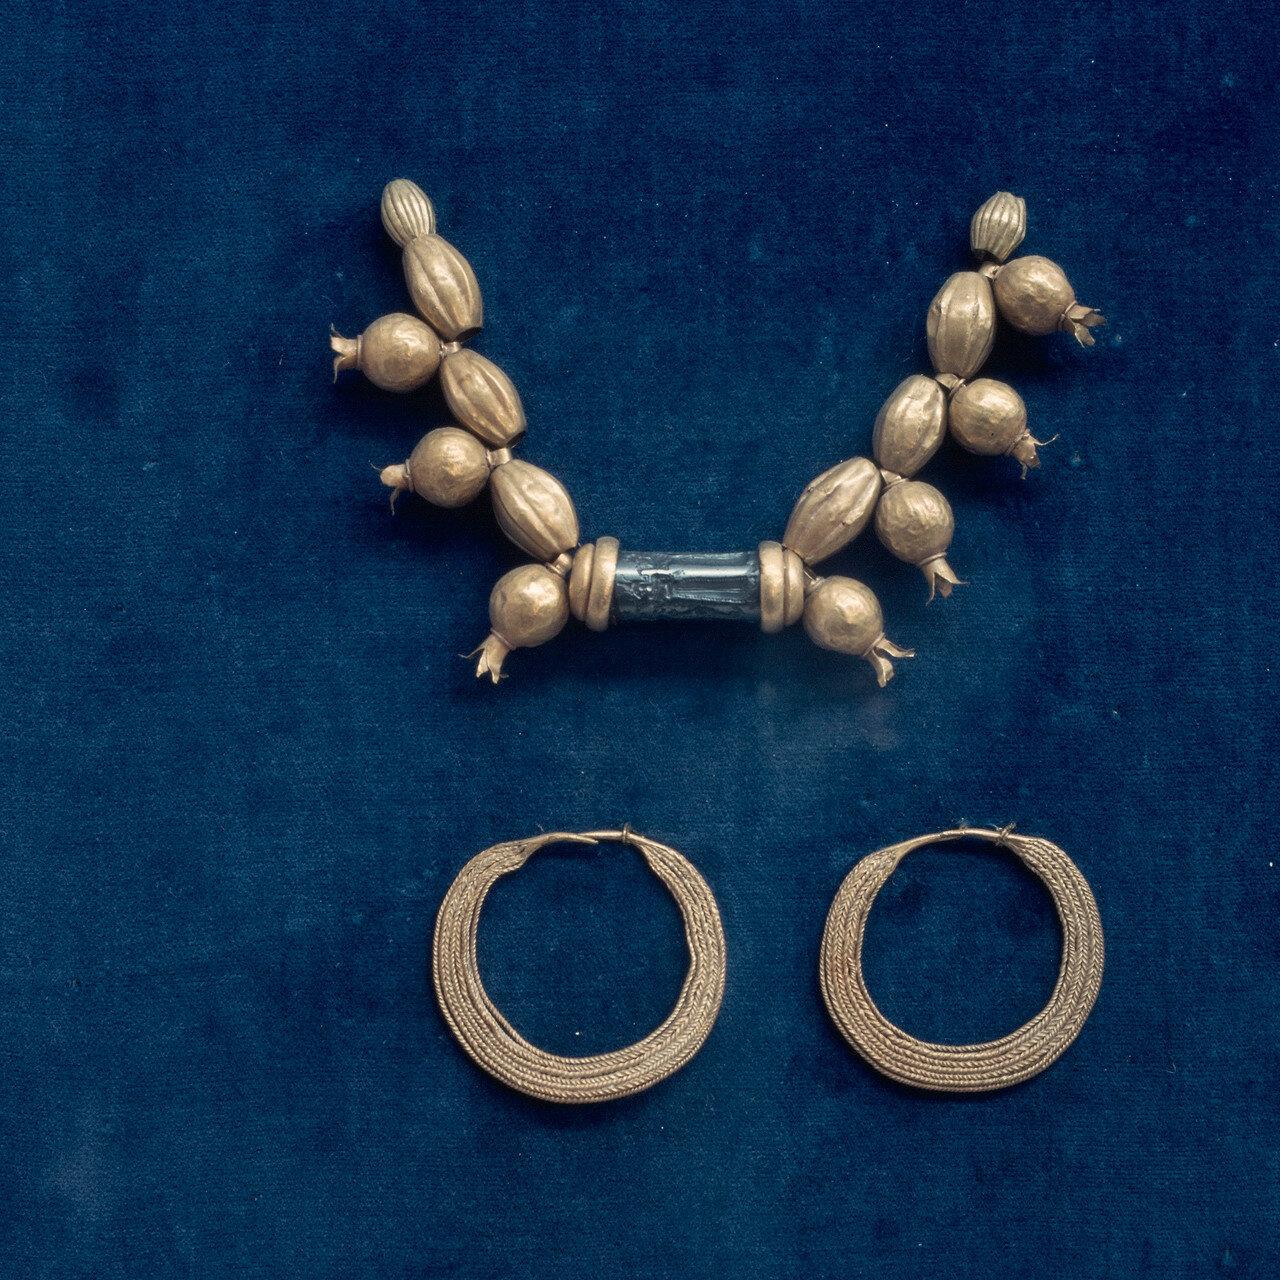 Золотое ожерелье с бисером и гранатом. XIV в. до н.э.